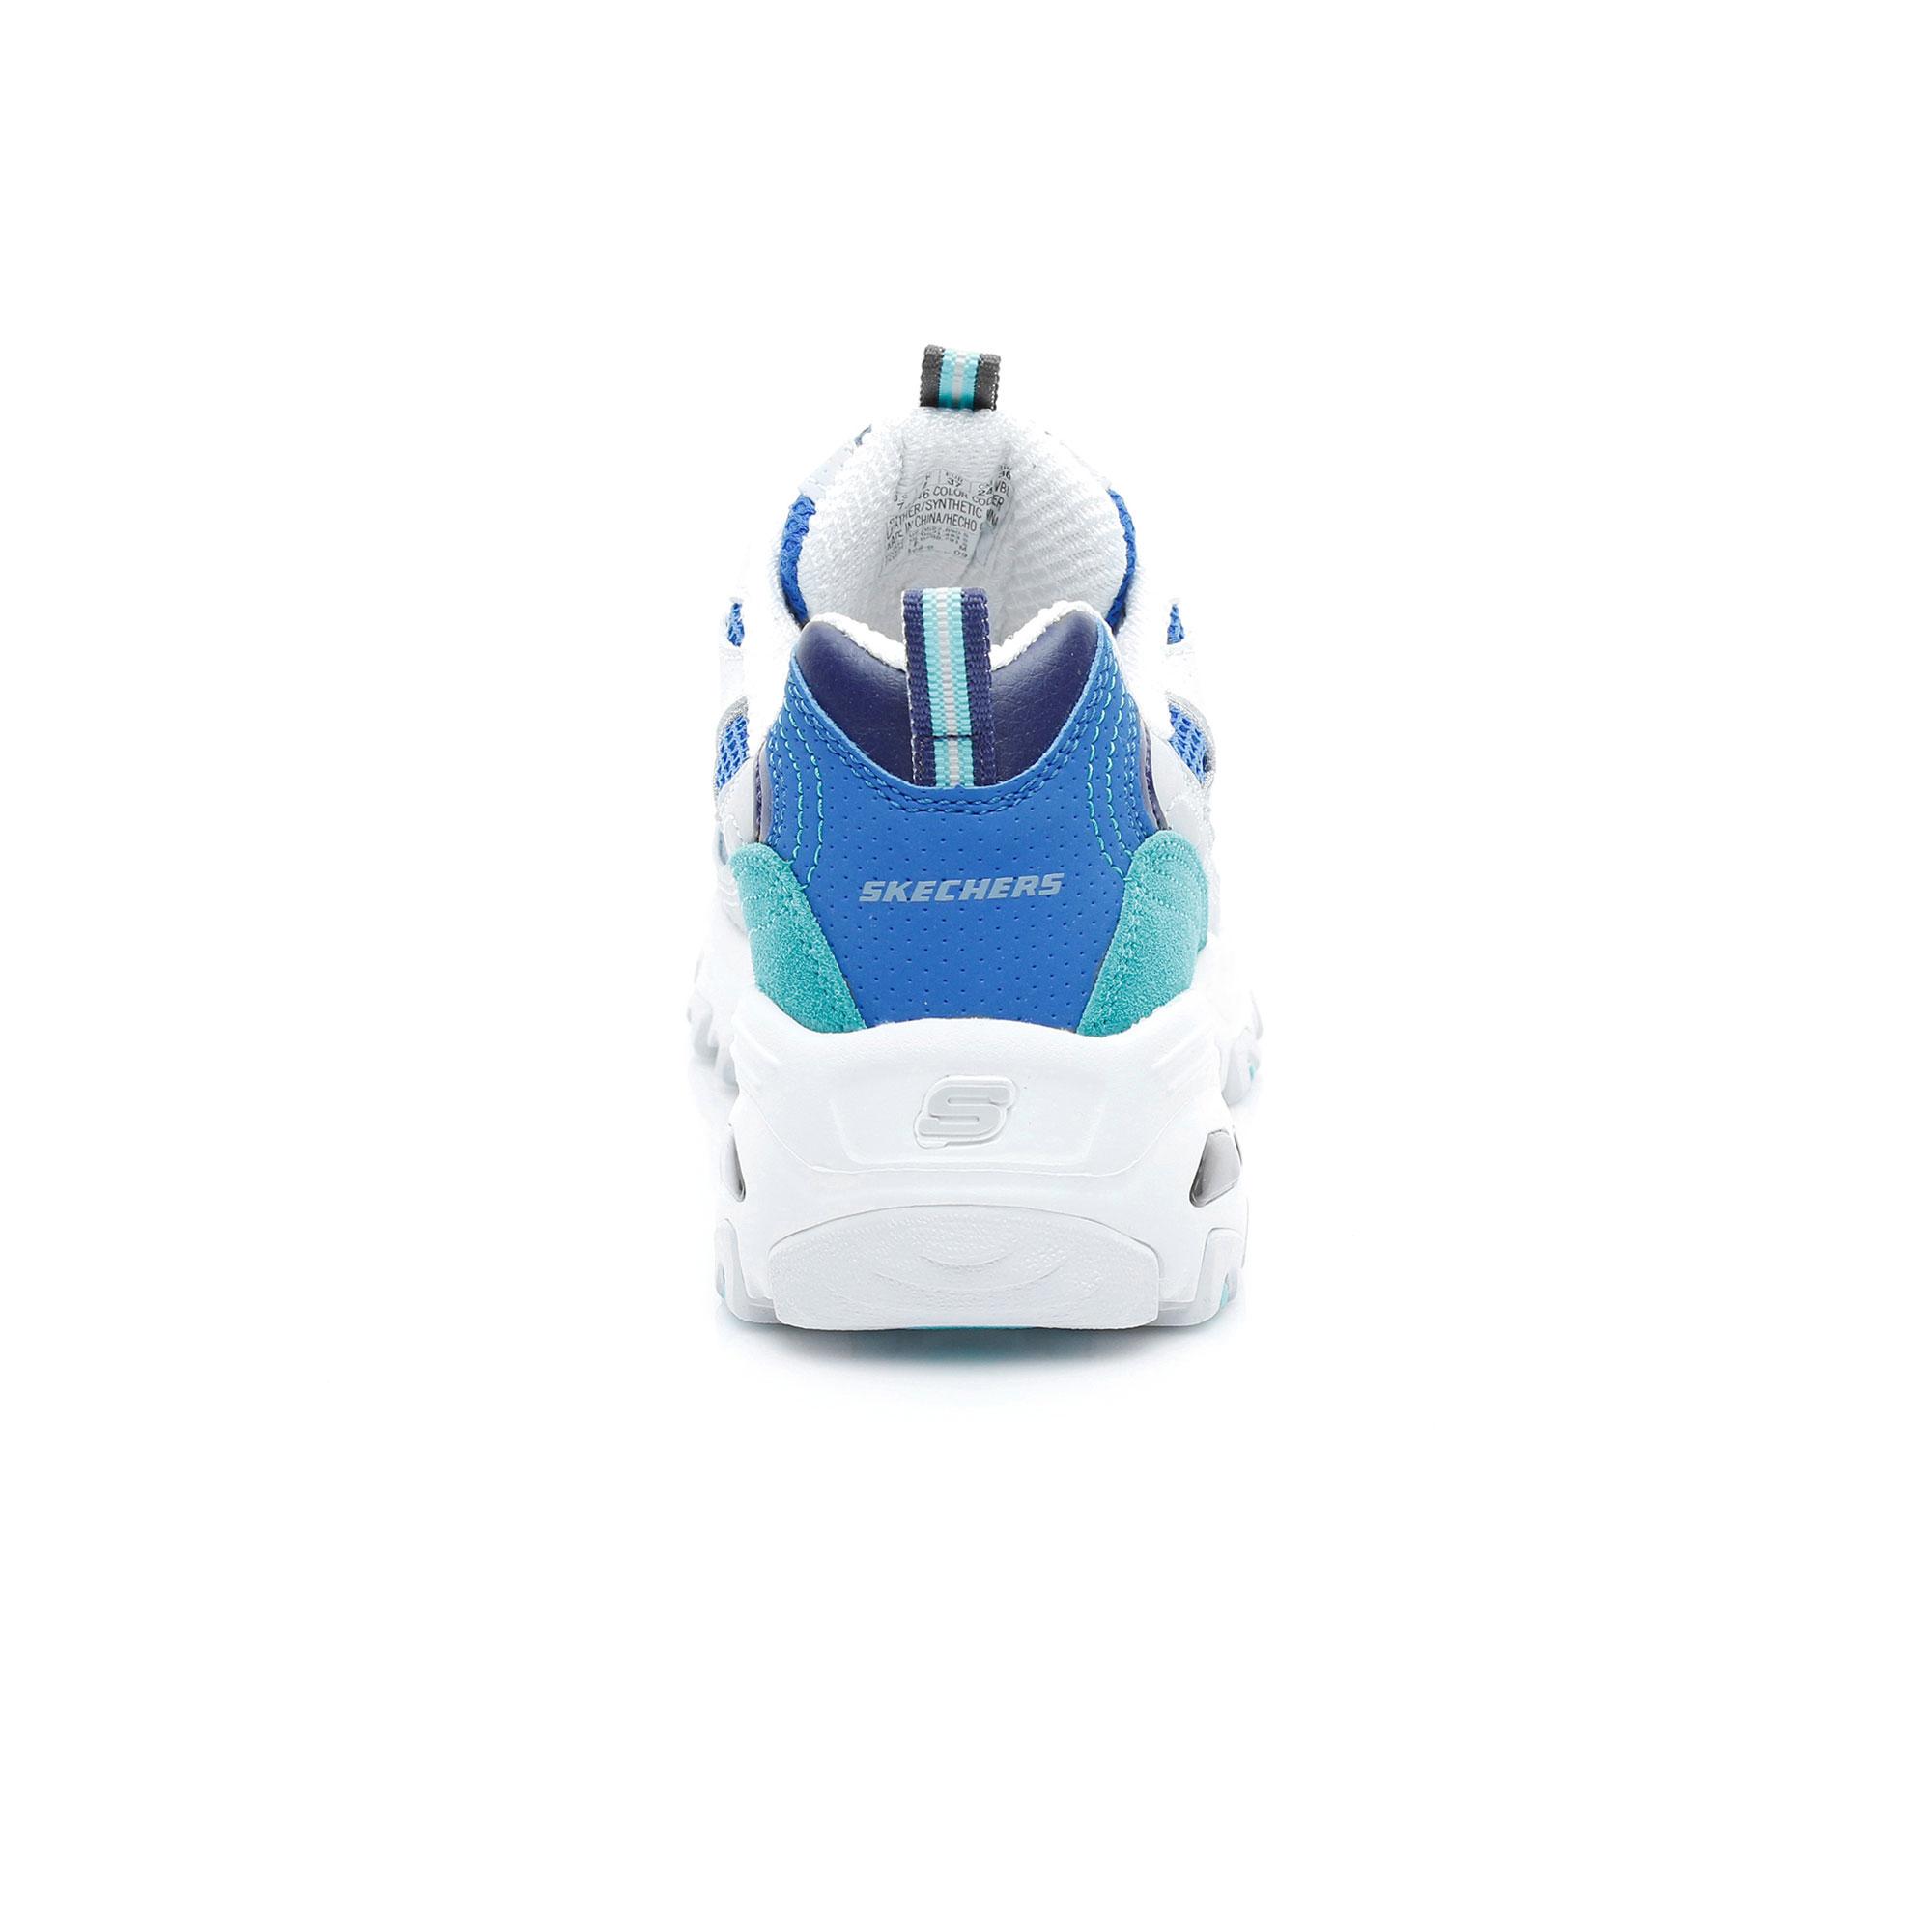 Skechers D'Lites-Second Chance Kadın Beyaz-Mavi Spor Ayakkabı